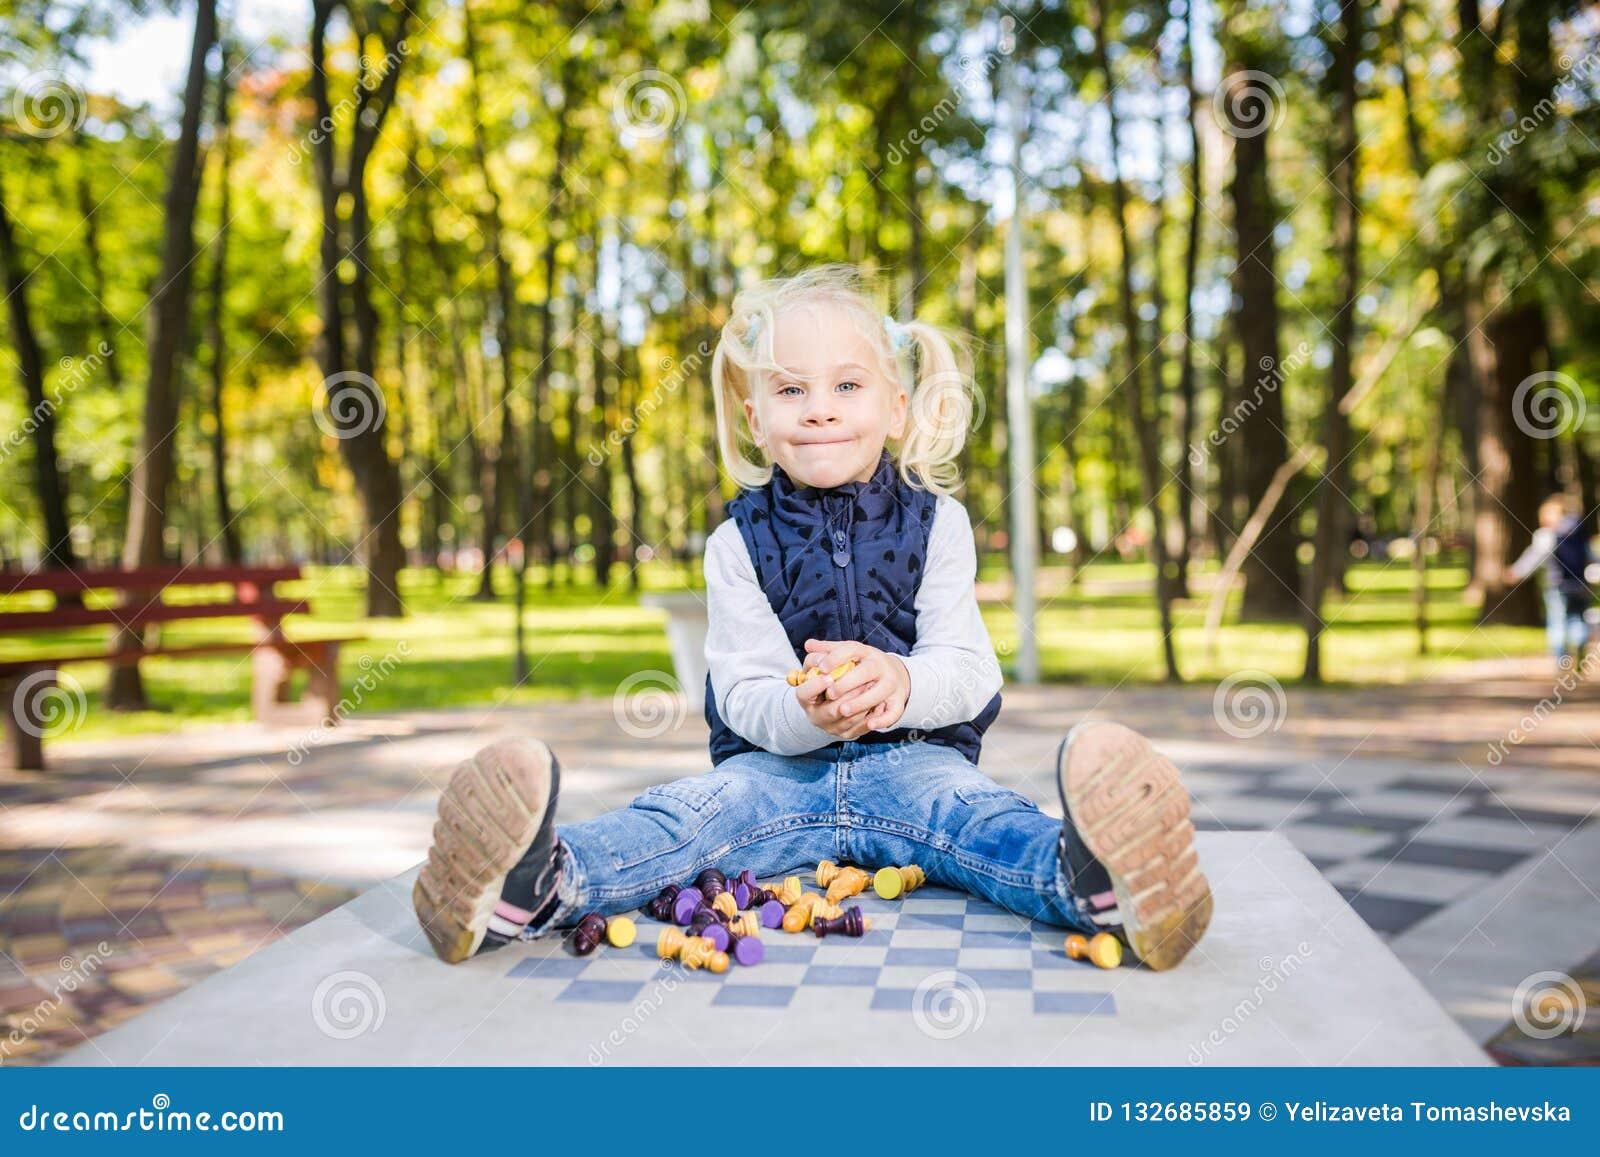 Lustige Kaukasische Babyblondine Wünscht Nicht Lernen